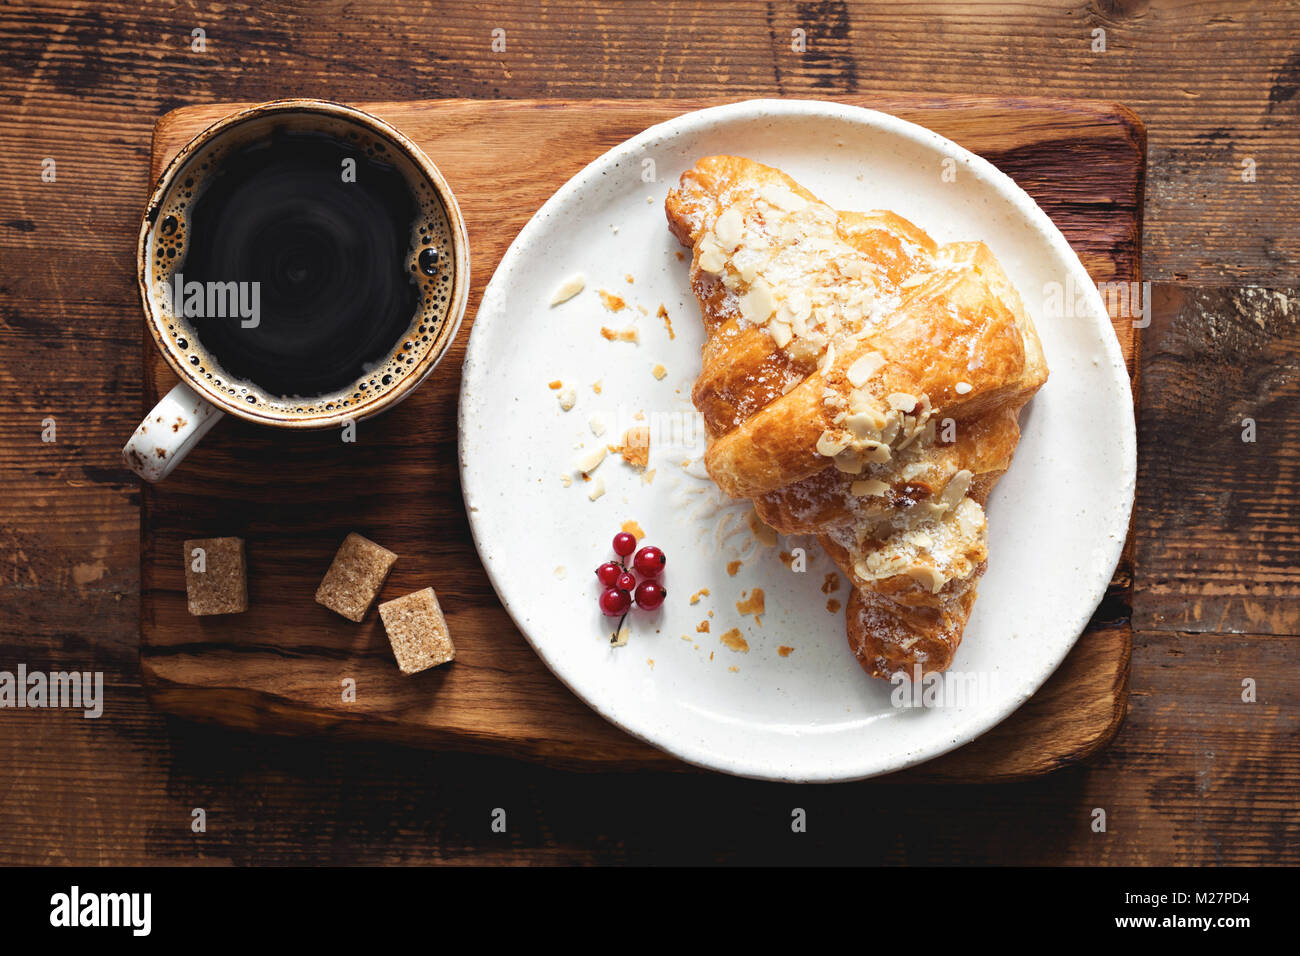 Croissant und Kaffee Espresso auf alten Holztisch. Ansicht von oben. Frühstück Konzept Stockbild